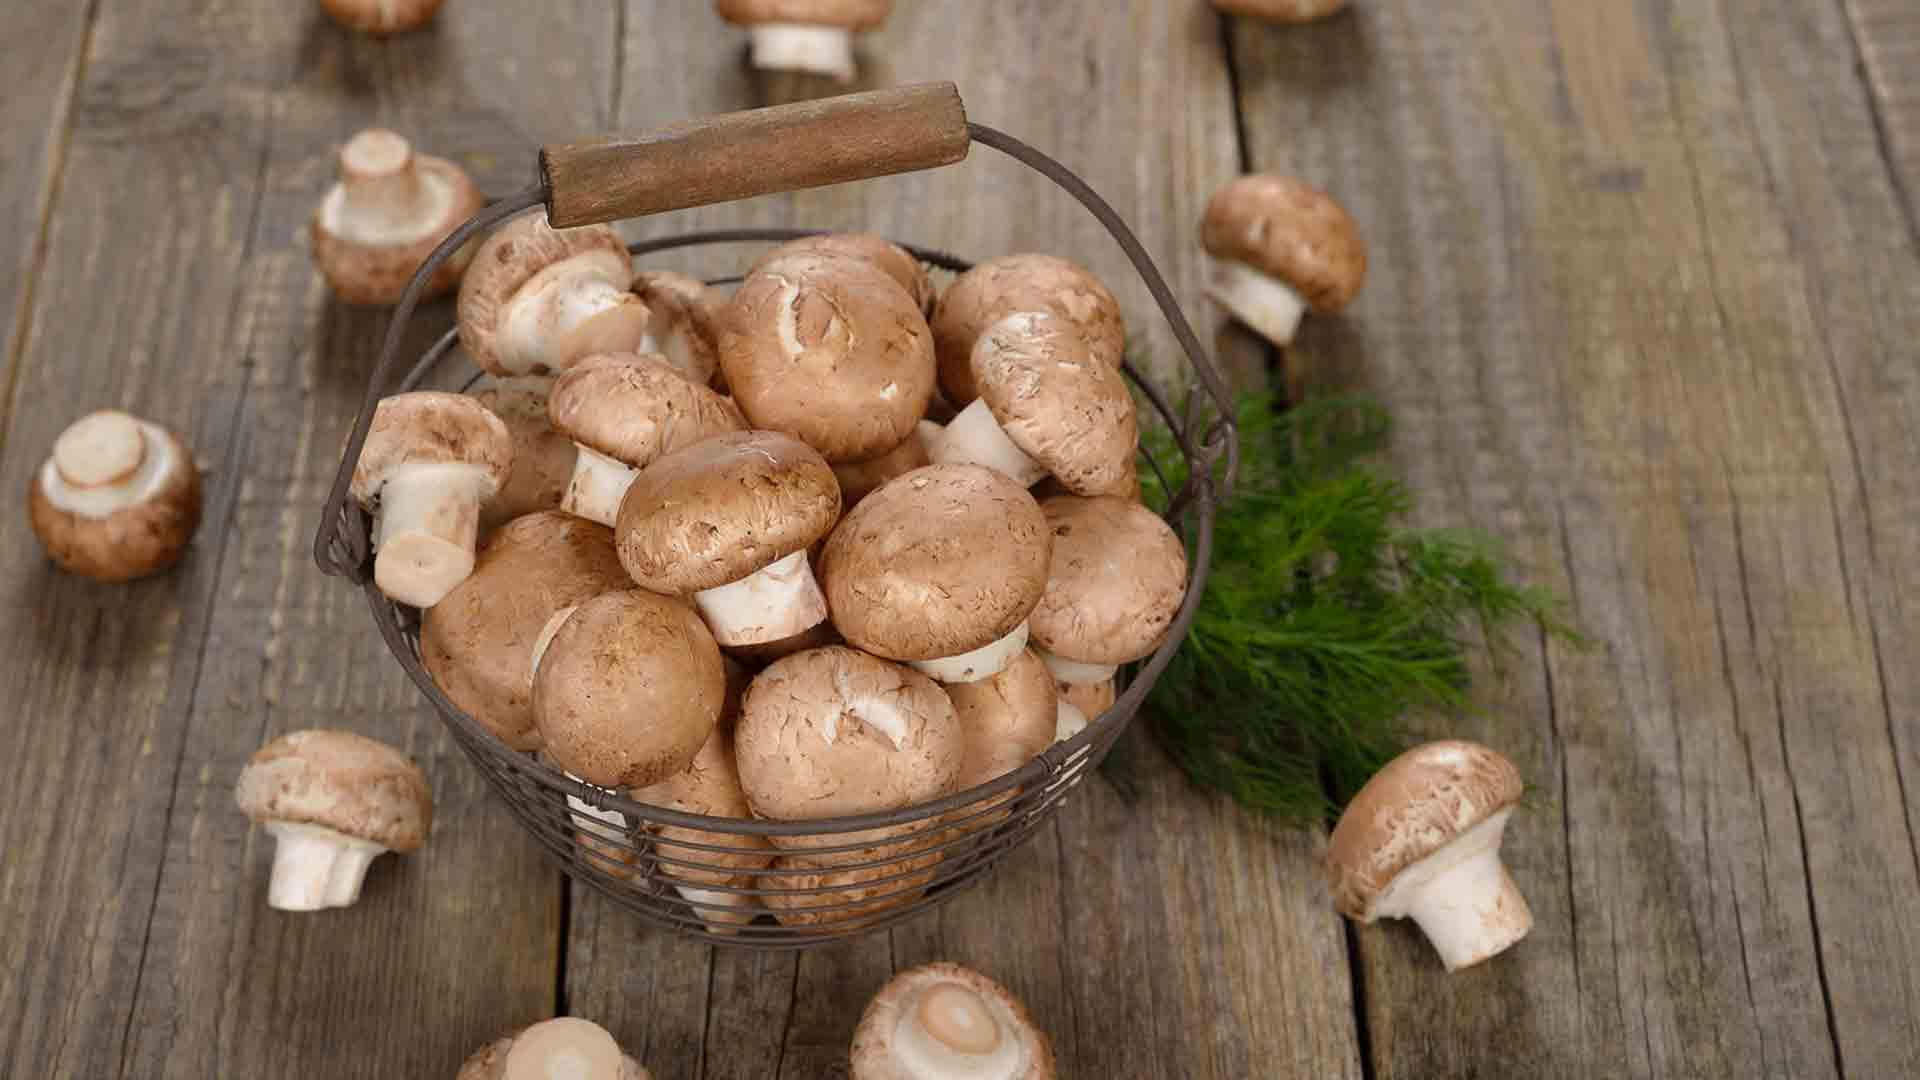 Шиитаке: характеристика гриба и способы выращивания